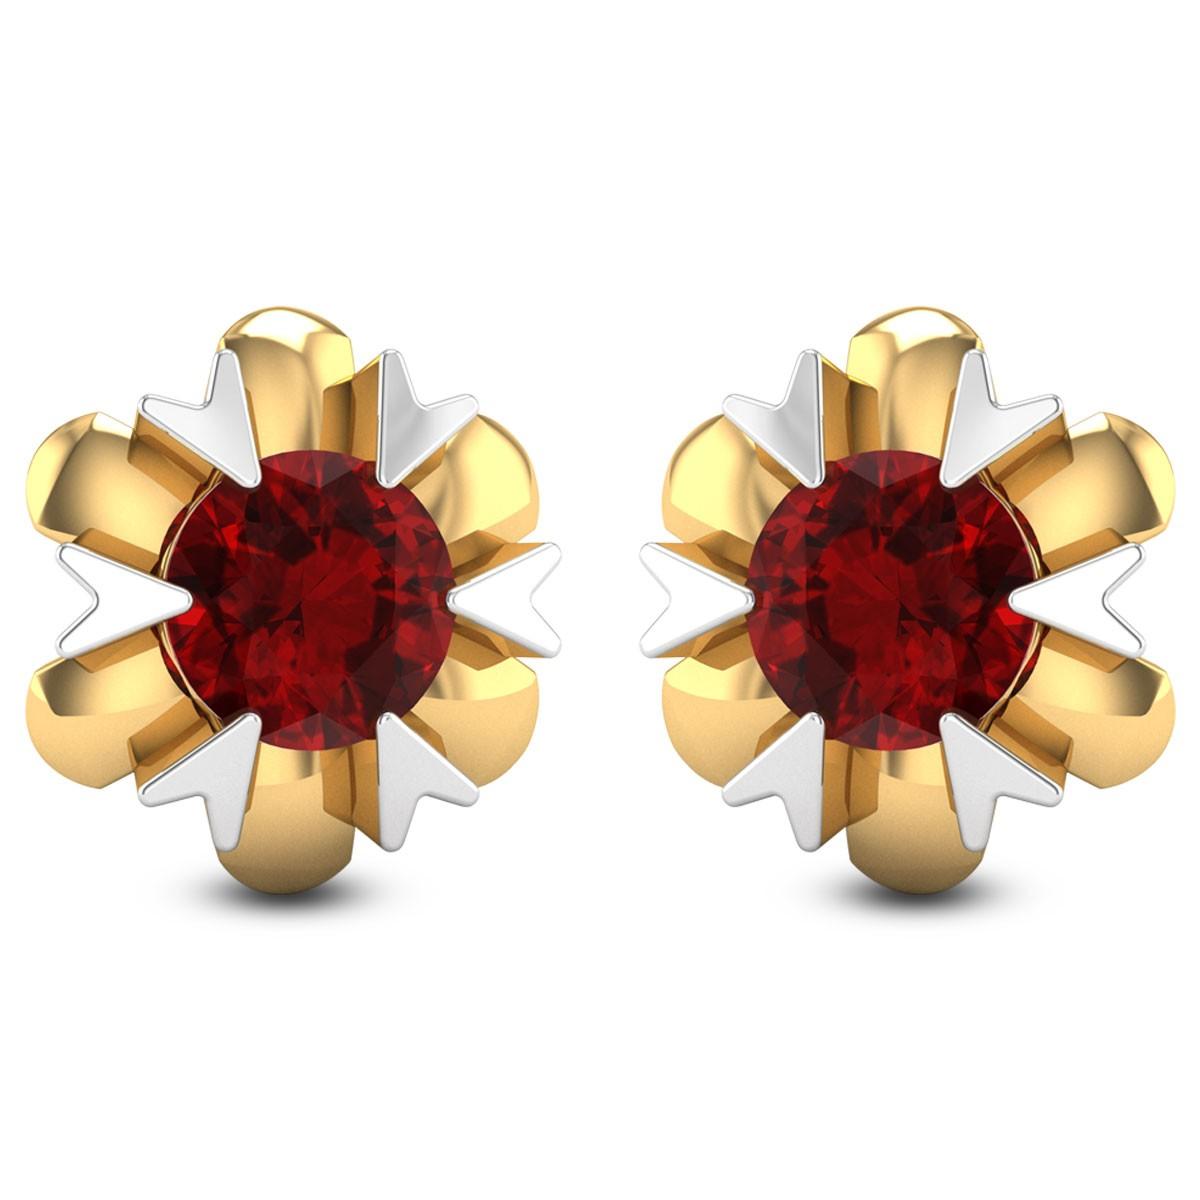 Aster Ruby Stud Earrings